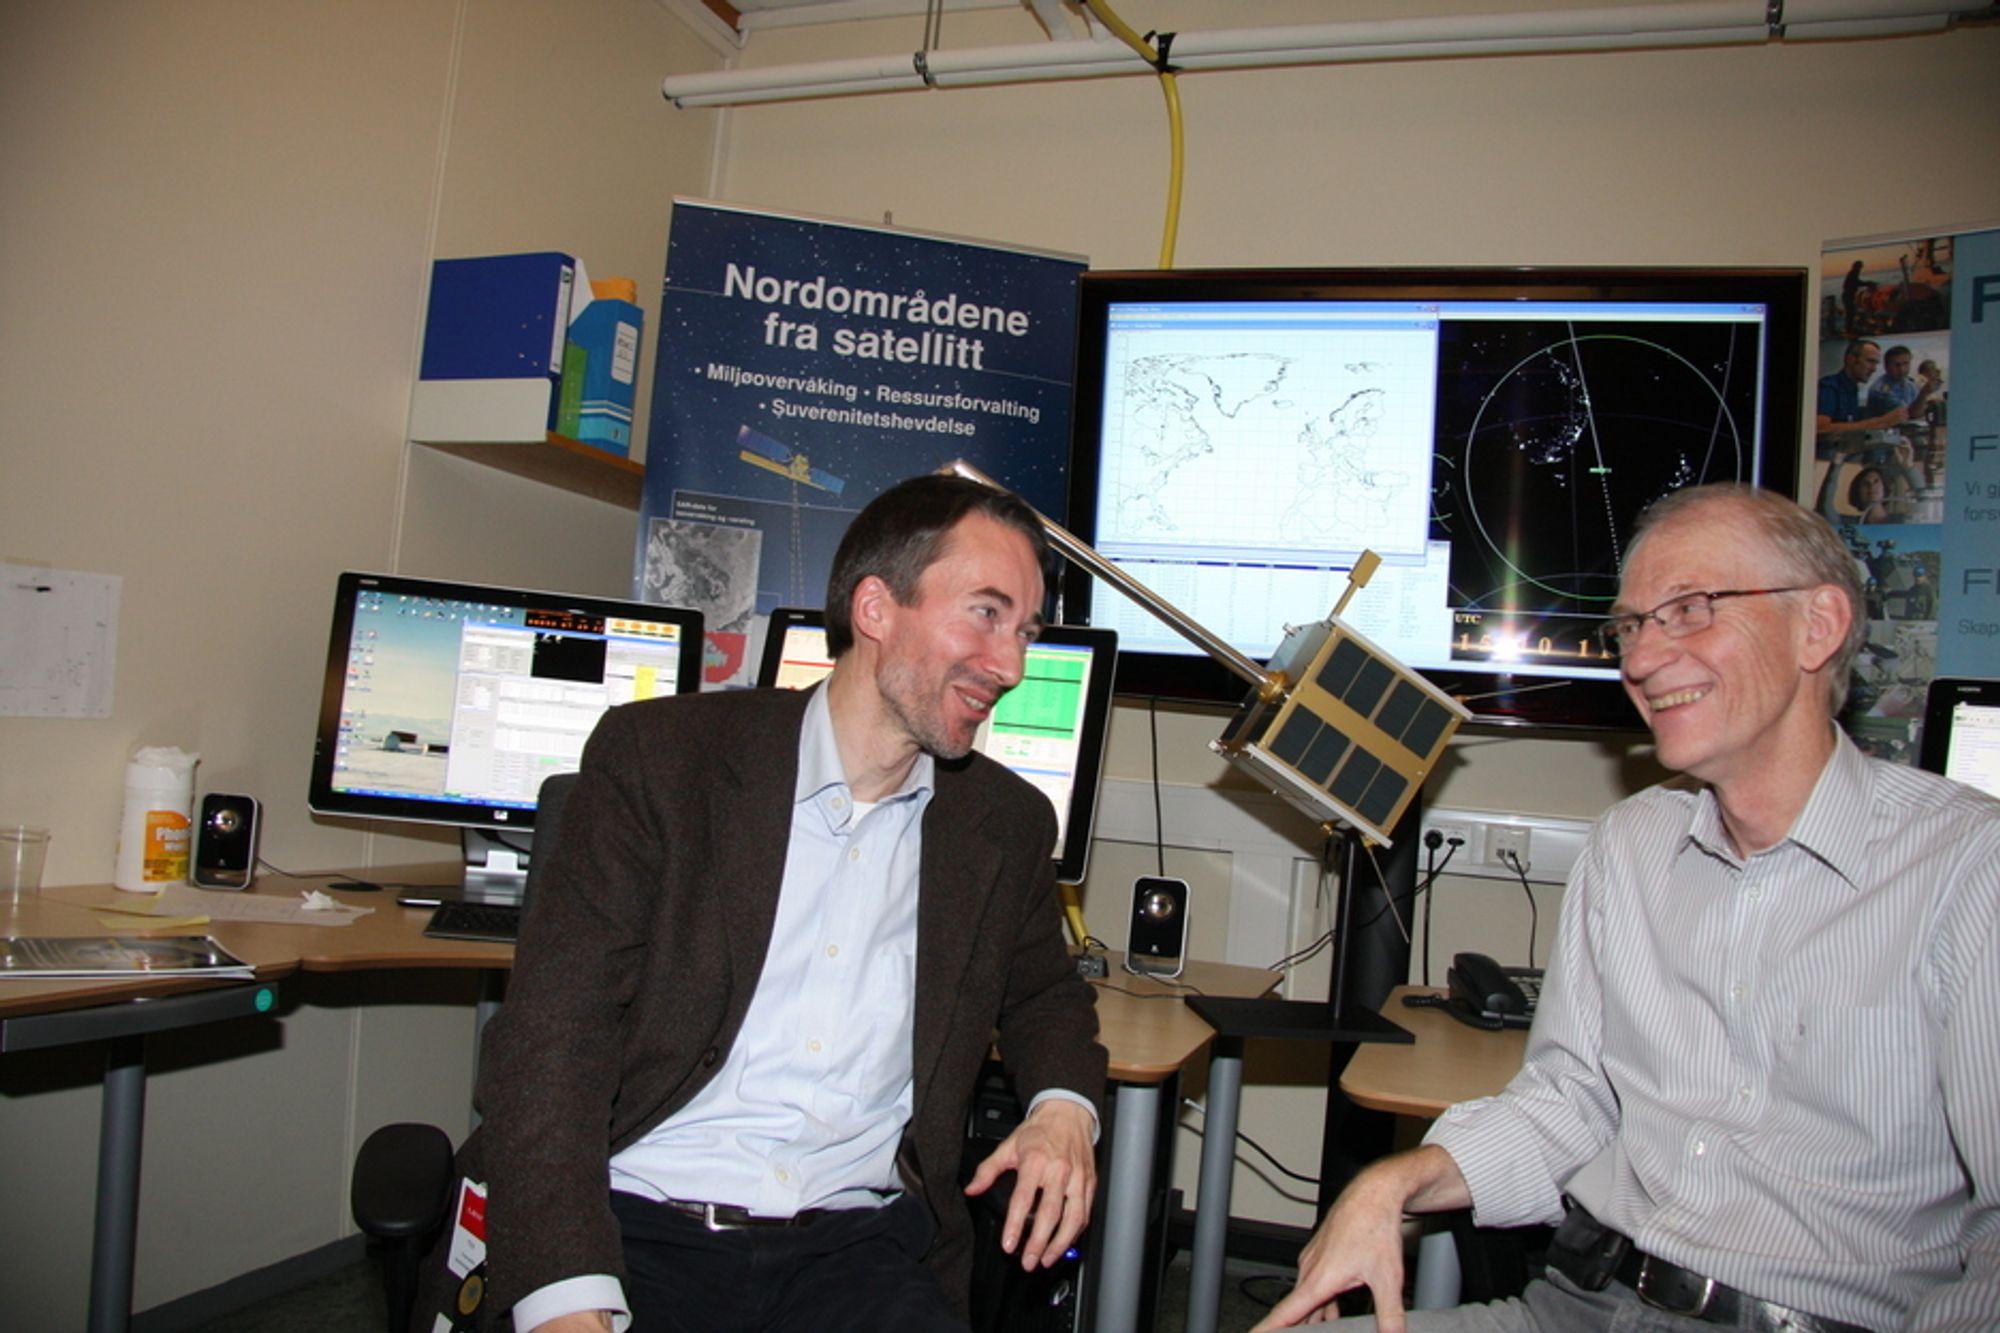 BEST: Bjørn Ottar Elseth (t.v.) fra Norsk Romsenter og Bjørn Narheim, sjefsforsker ved FFI og prosjektleder for AISsat-1, er stolte over å ha laget satellitten så lett og kompakt. Satellittkopien mellom dem er i størrelse 1:1.